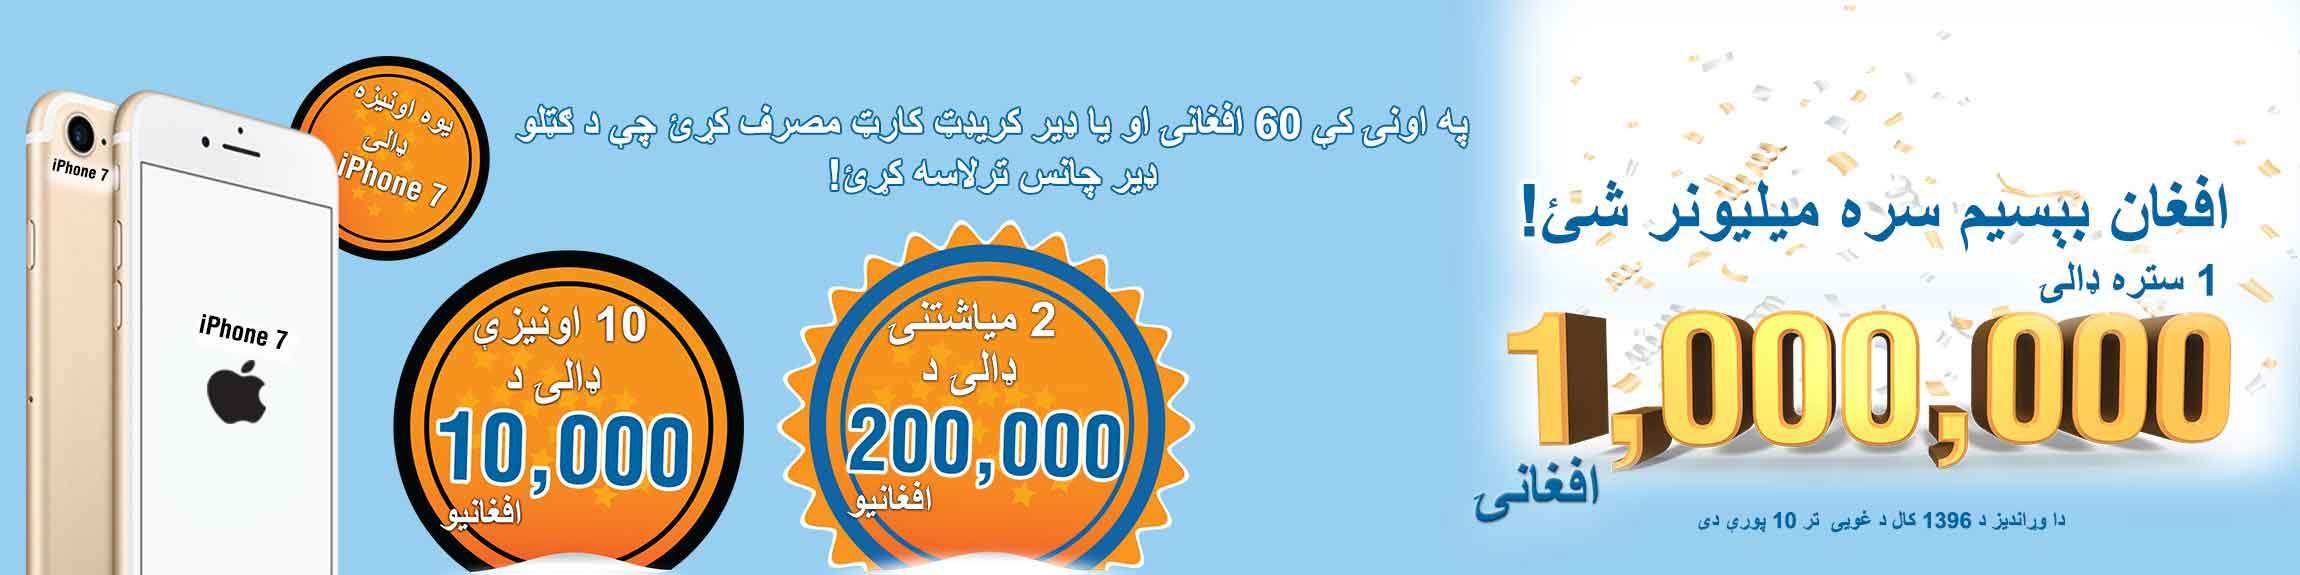 m-for-website-pashto-web